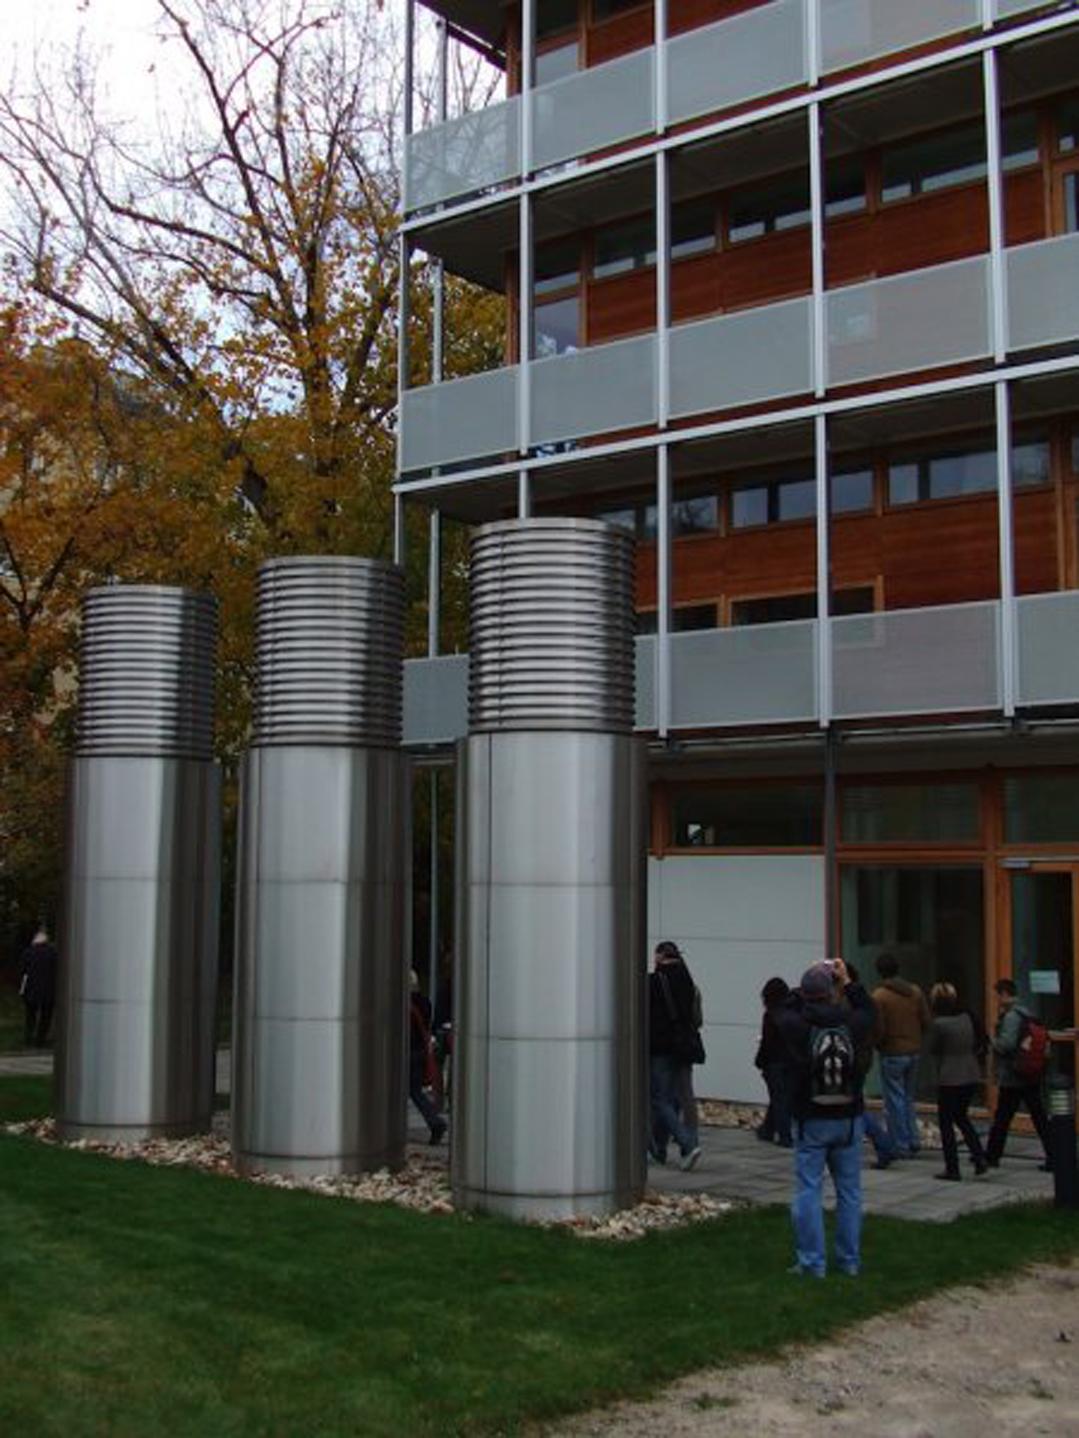 Der stille Radikale – sprofesorem Antonem Schweighoferem pojeho radikálně řešeném domově studentů